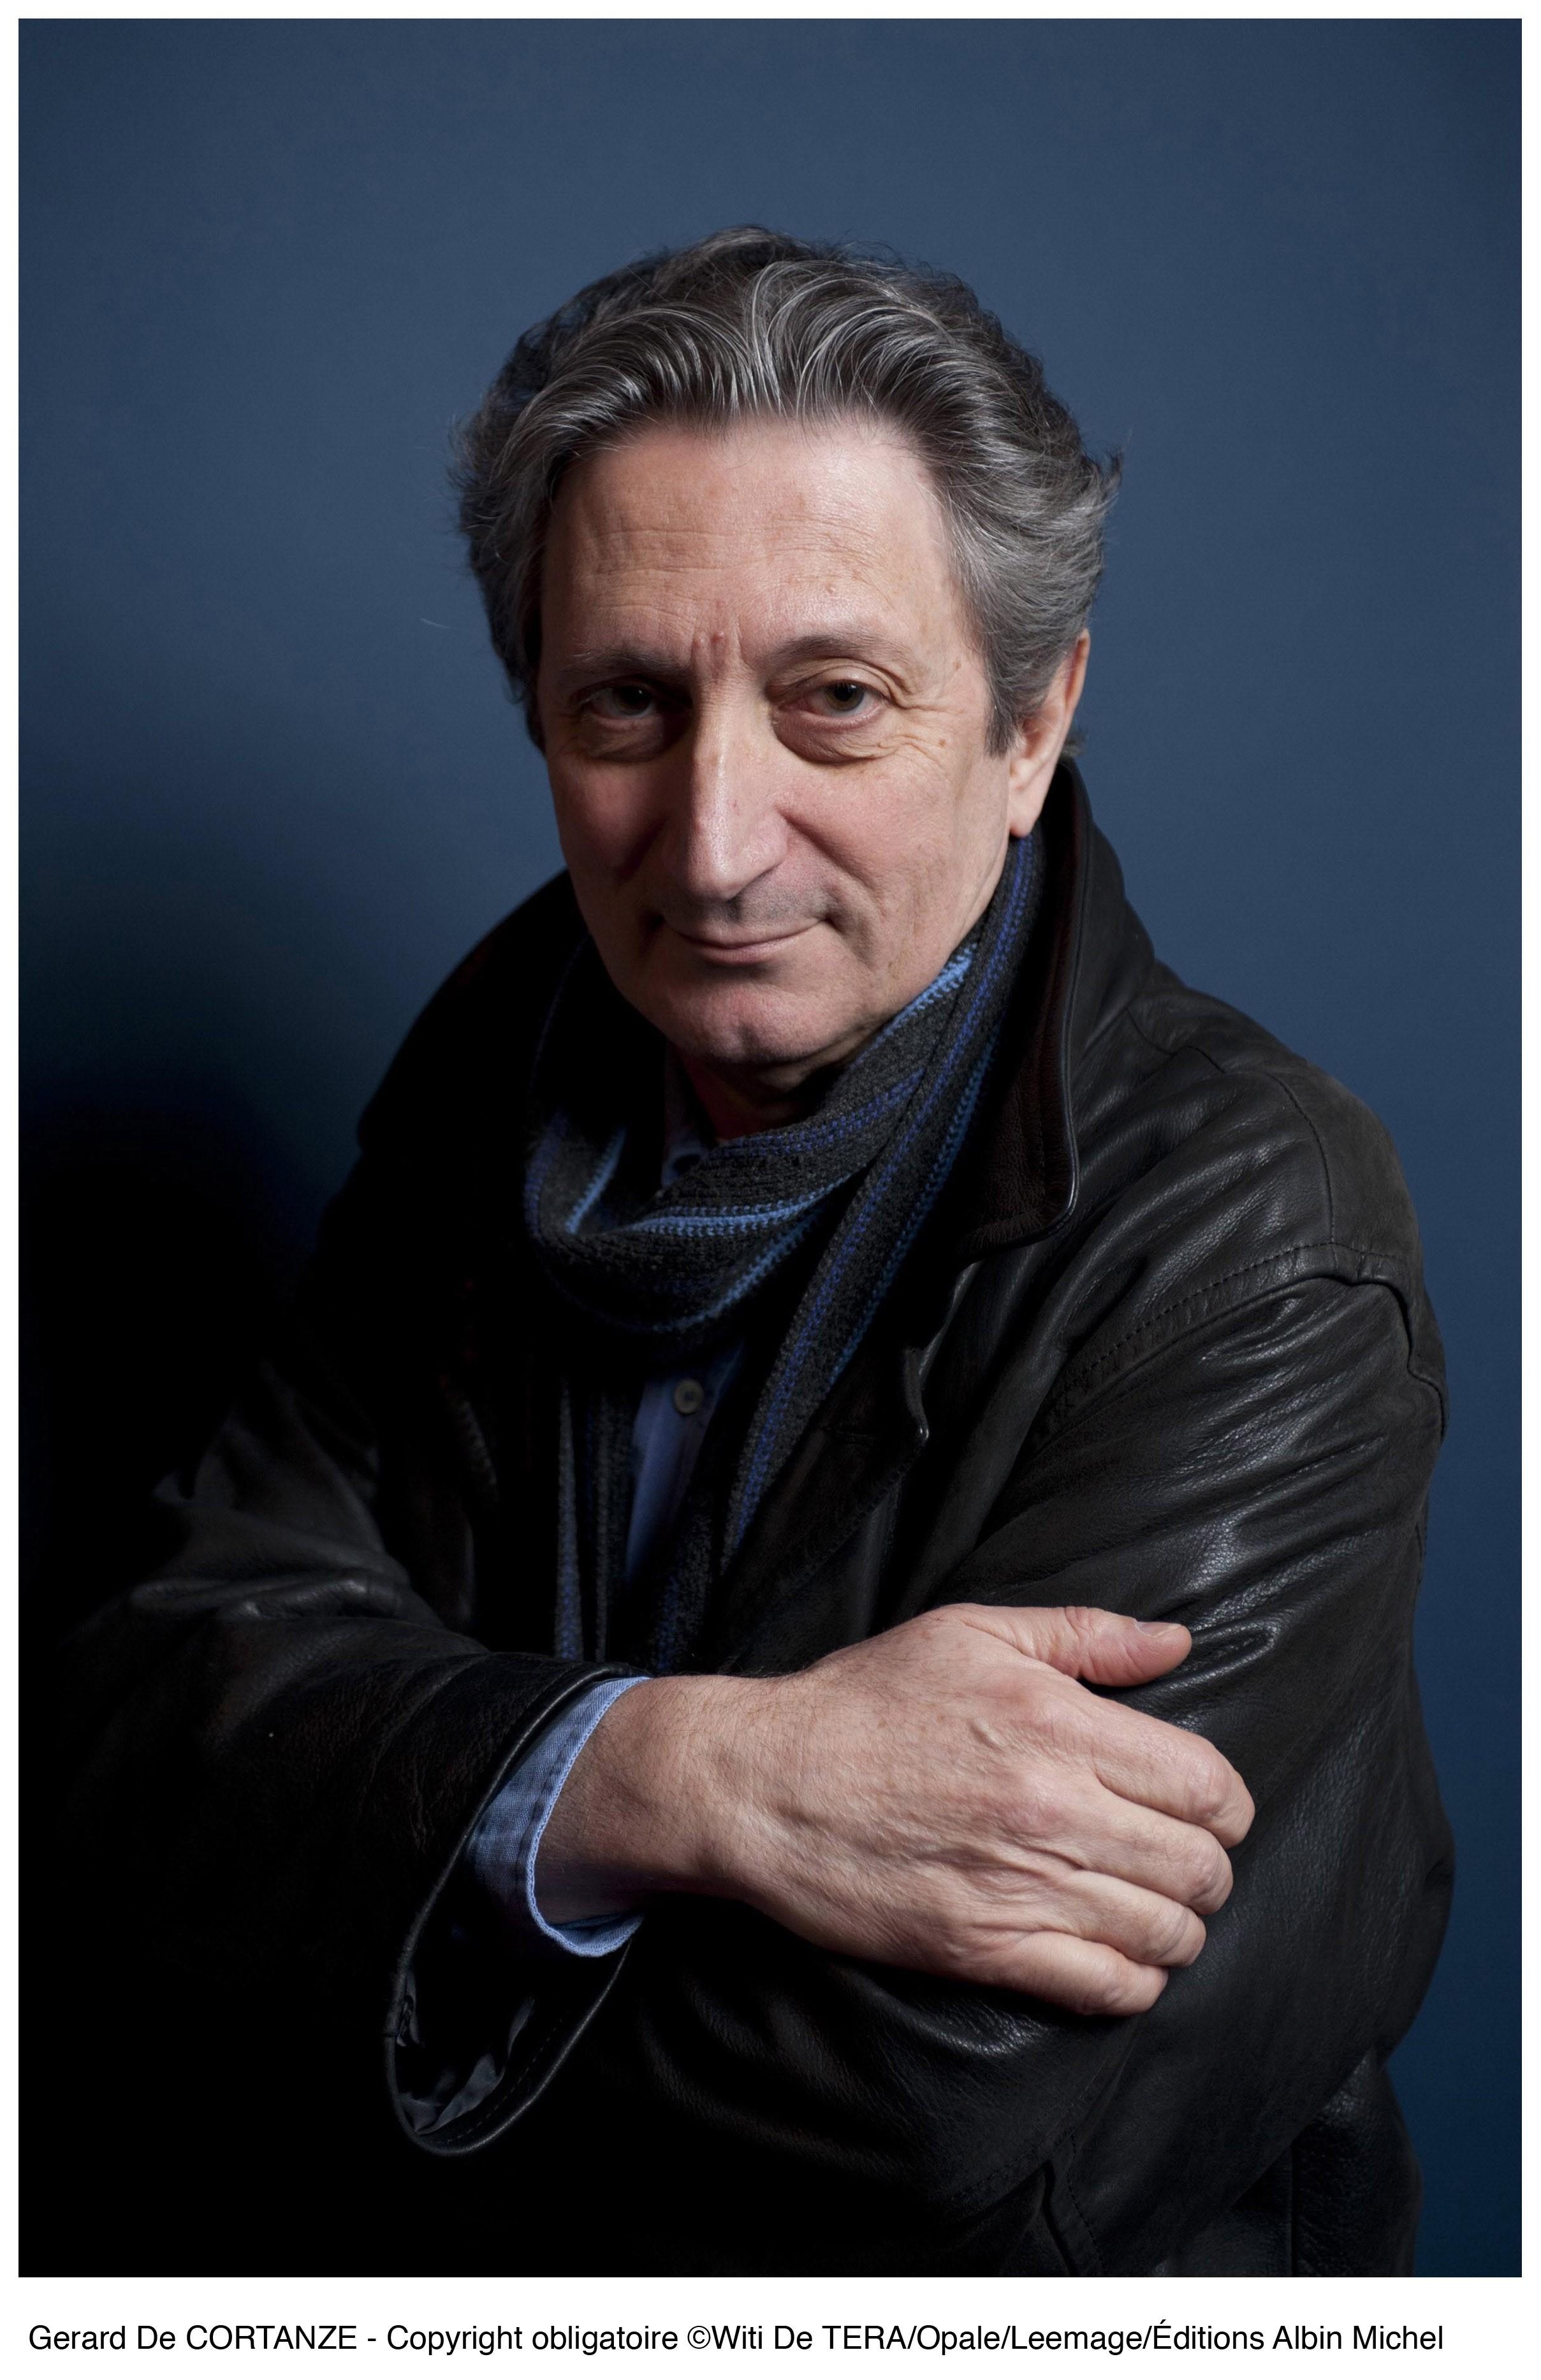 Gerard De Cortanze